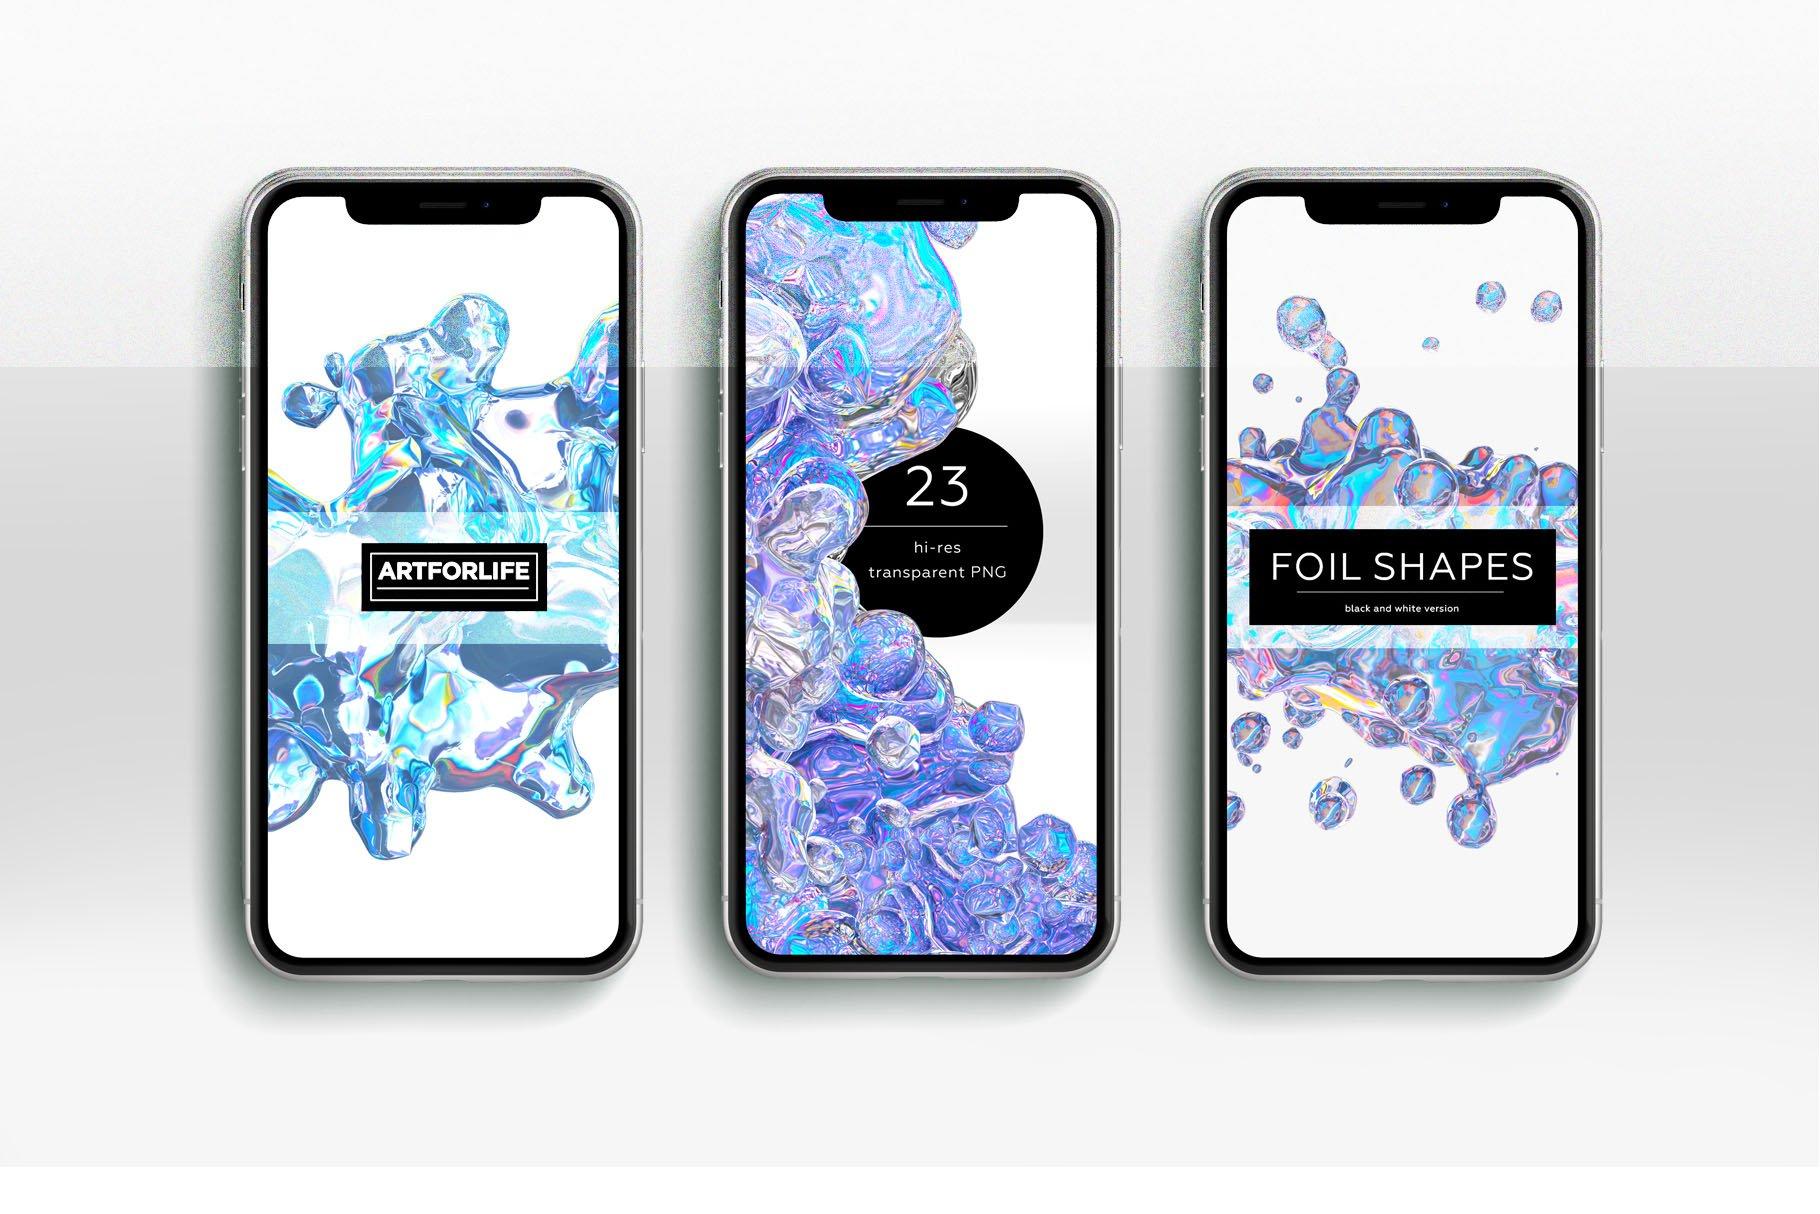 [淘宝购买] 23款抽象全息渐变不规则碎裂3D水滴流体图形设计素材 FOIL SHAPES Color Version插图(5)